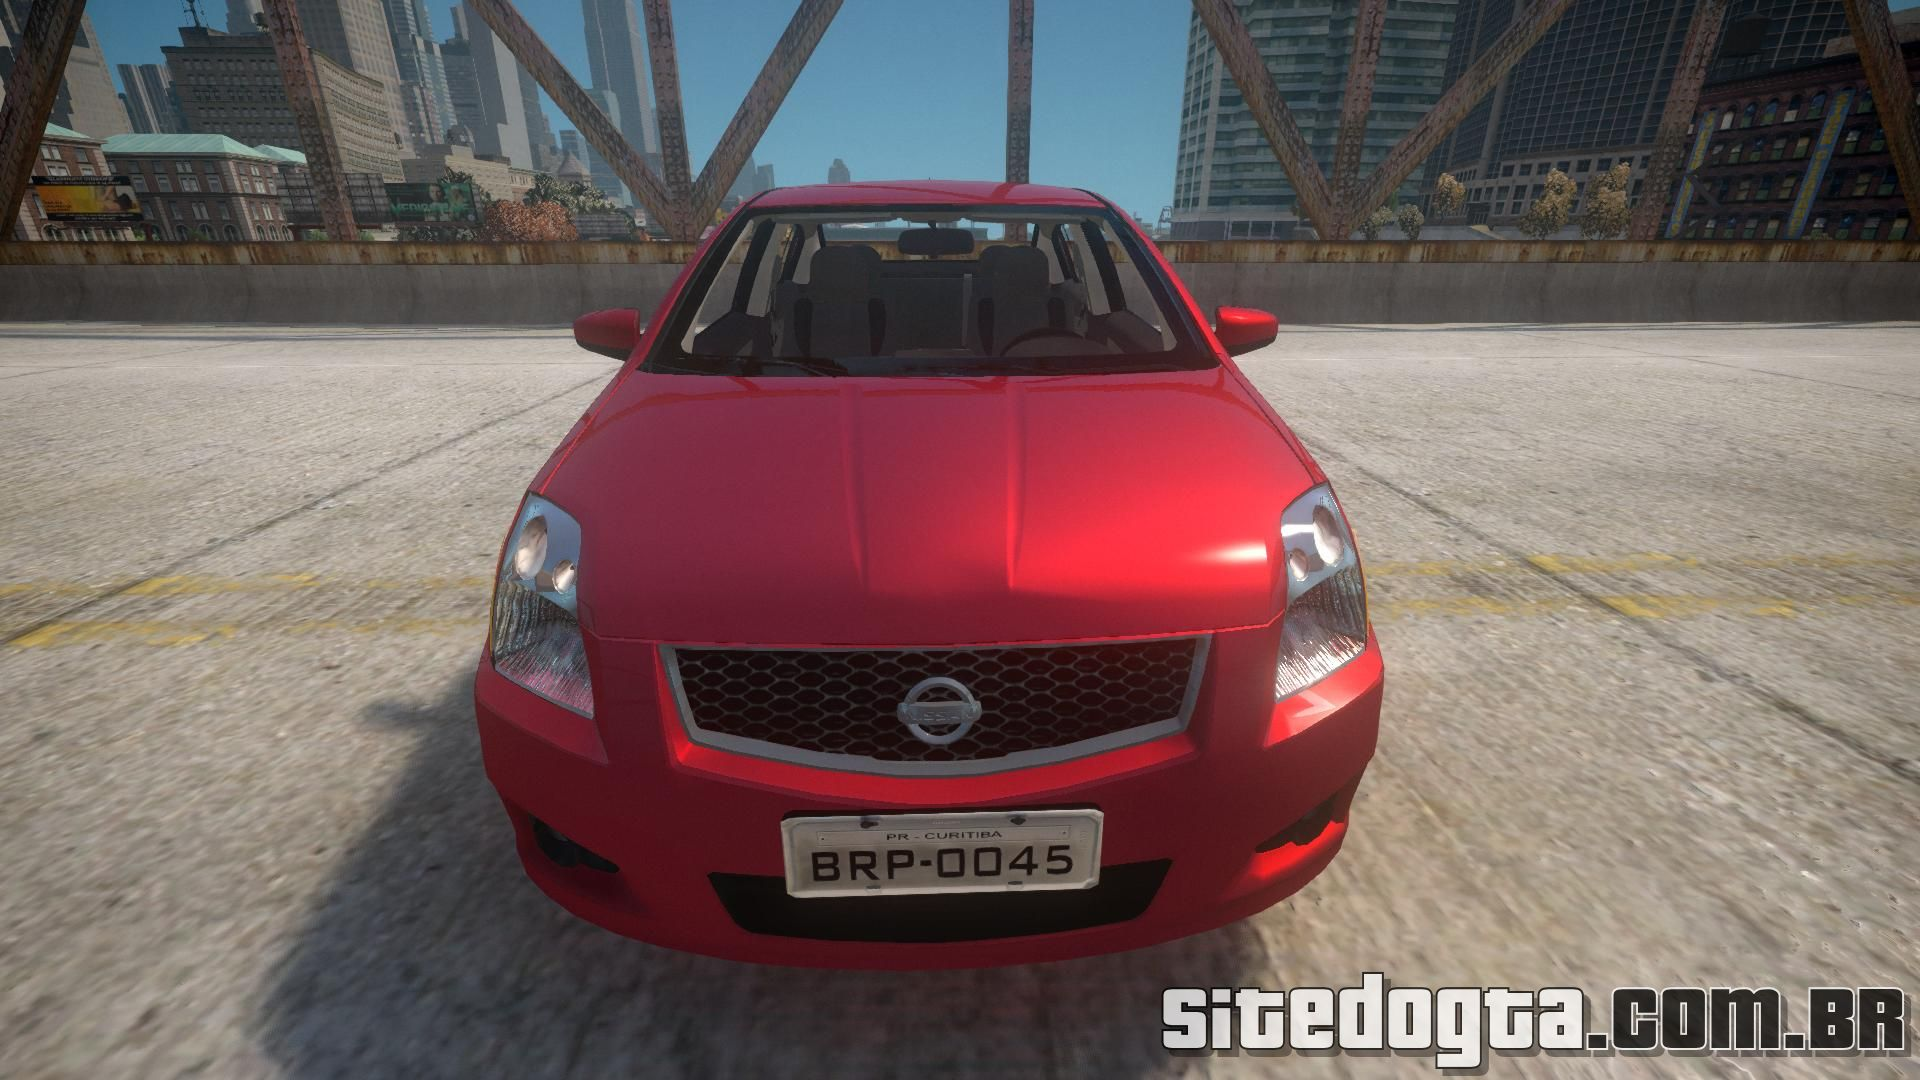 Carro Nissan Sentra S 2008 para GTA IV | Site do GTA